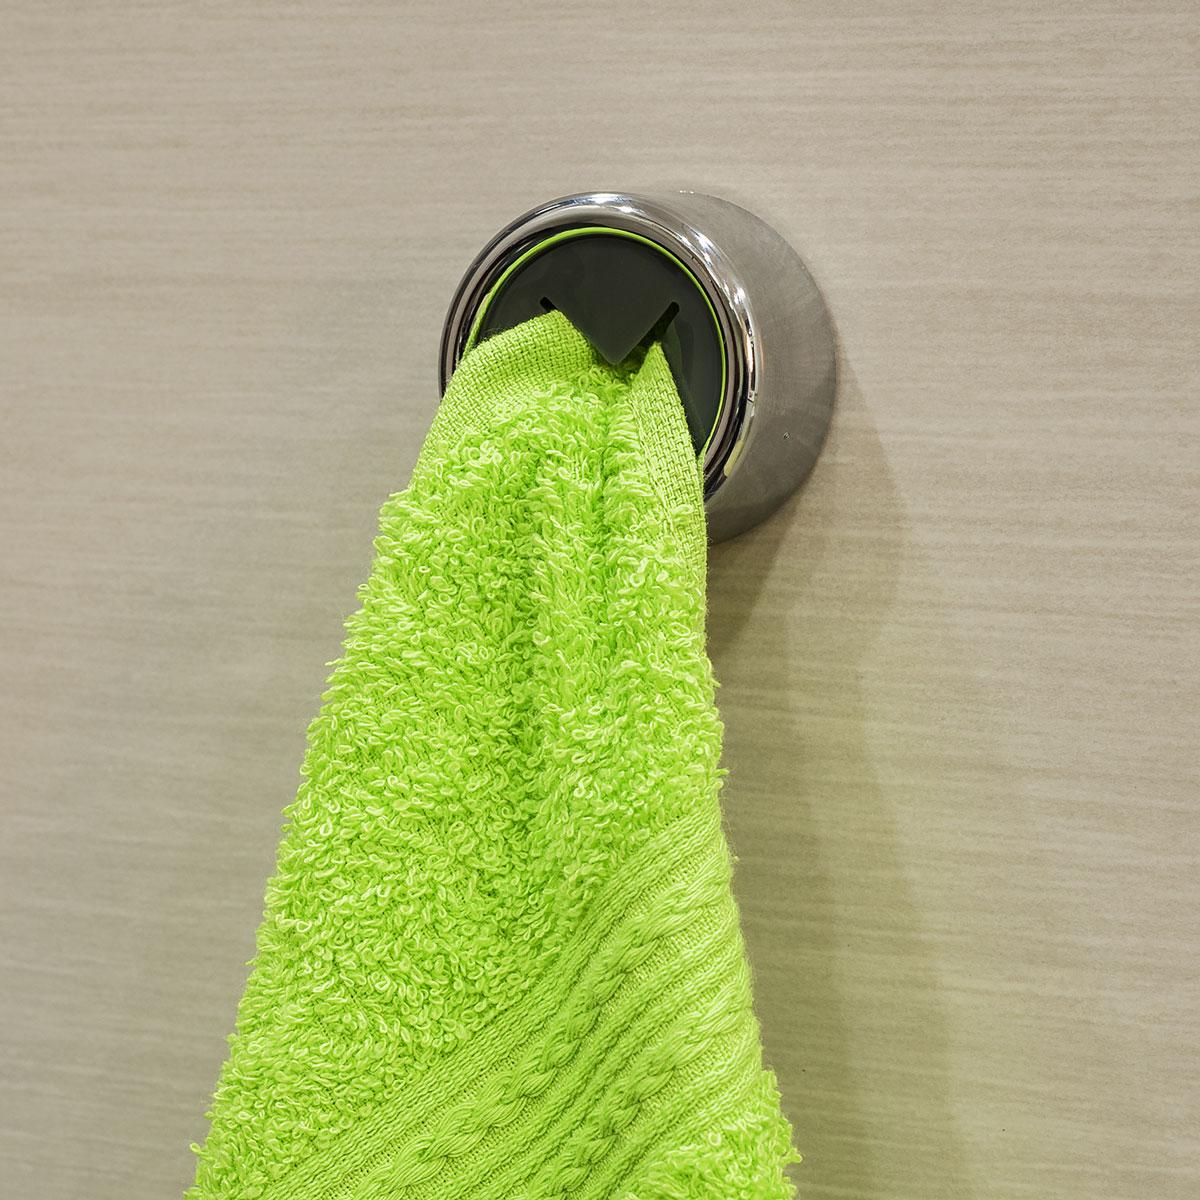 Вешалка самоклеящаяся Tatkraft Berra, для полотенец, диаметр 4 см вешалка tatkraft florida самоклеющаяся для 4 полотенец